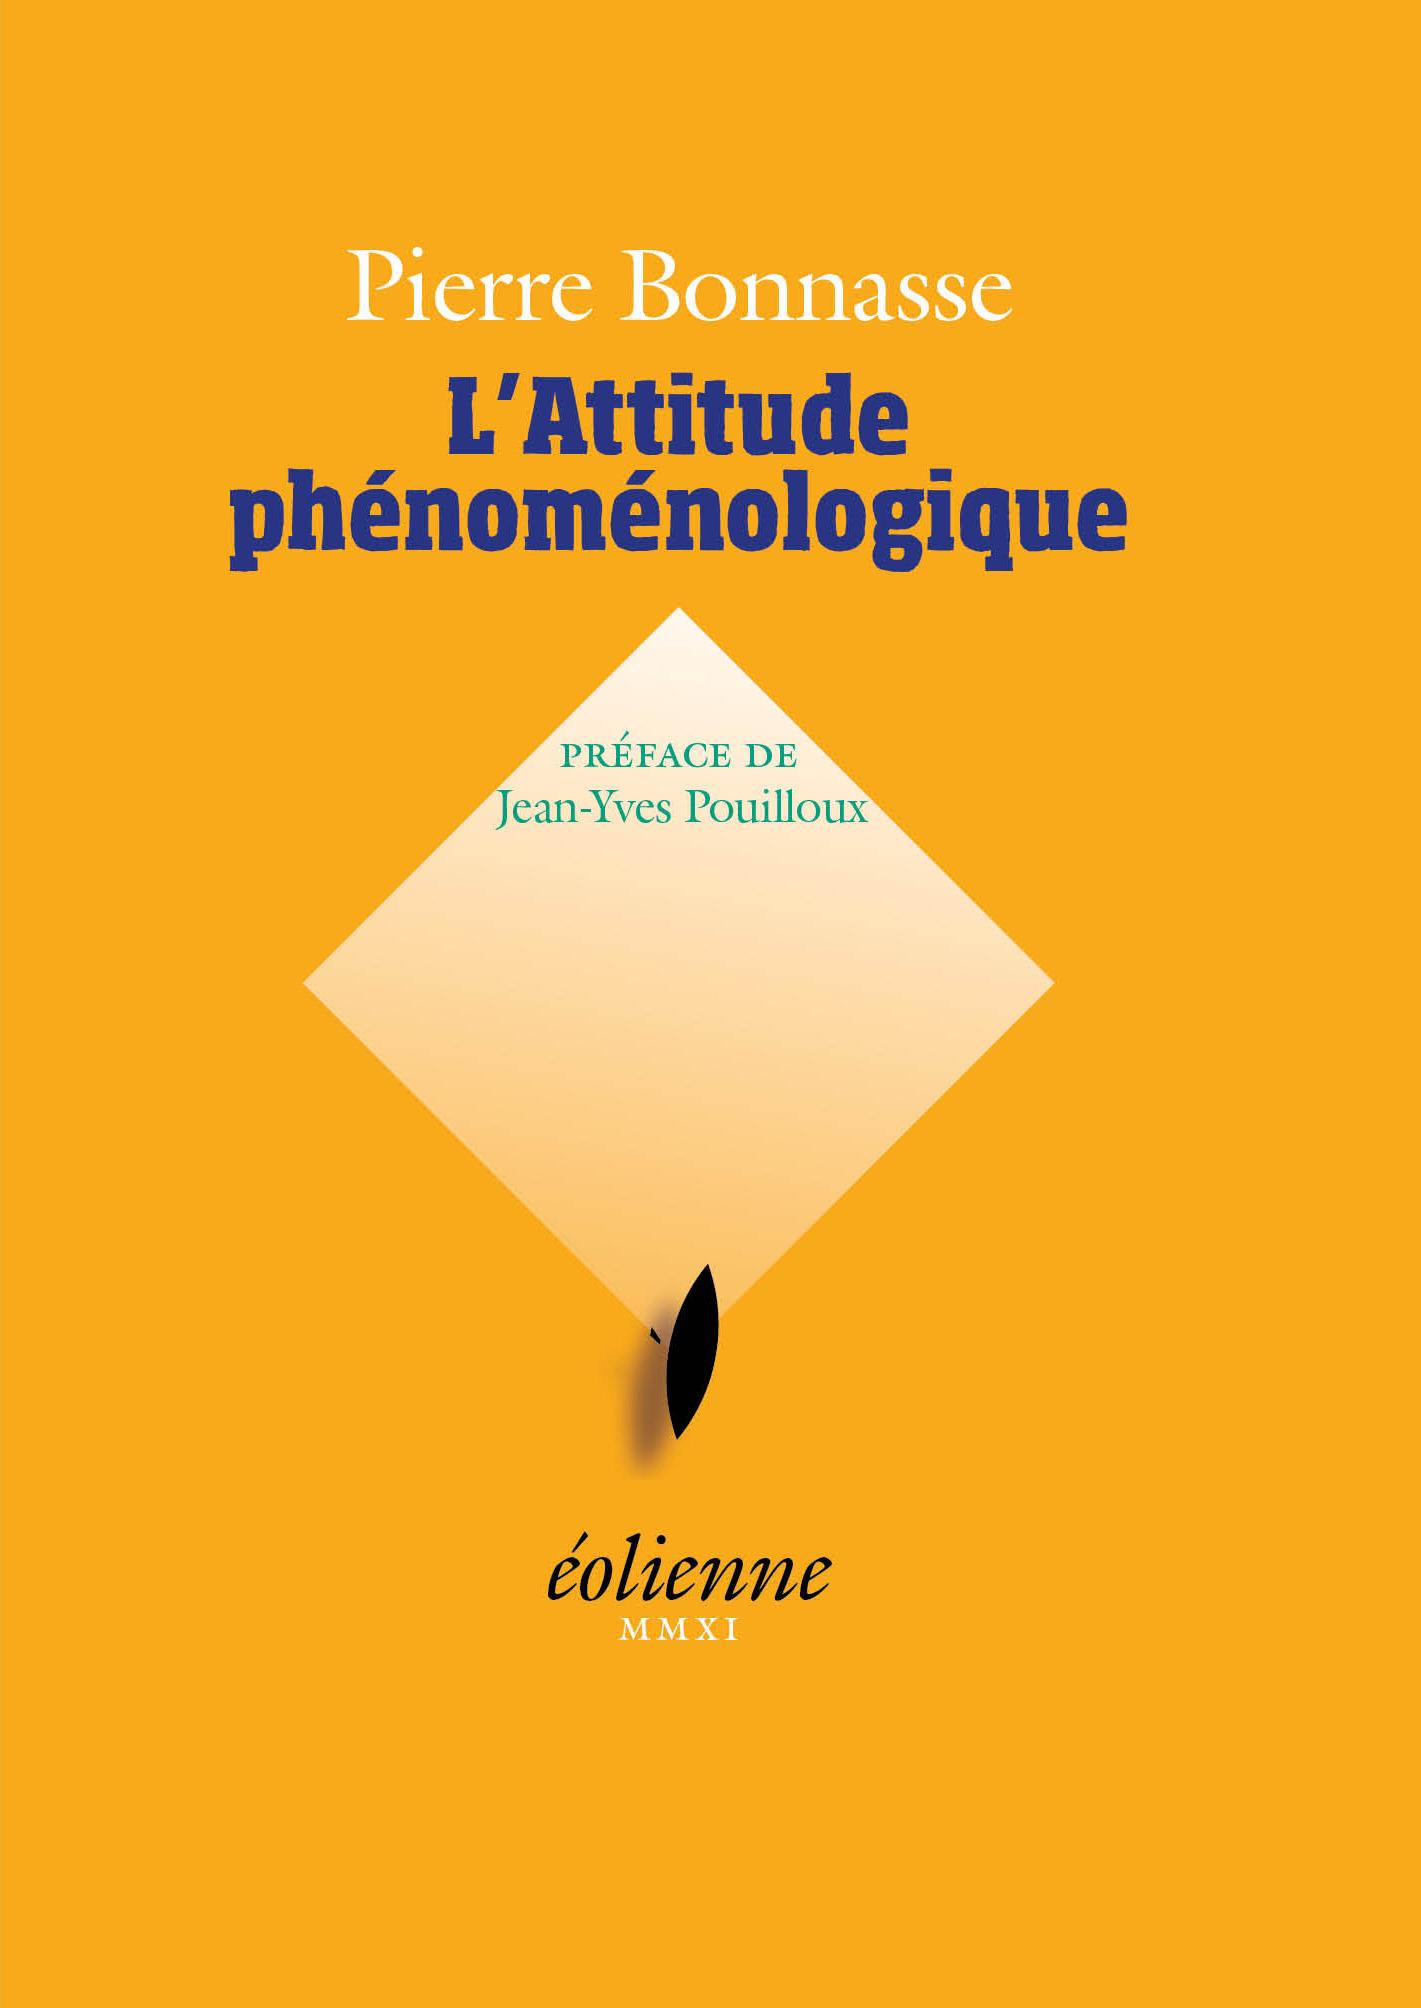 L'attitude phenomenologique